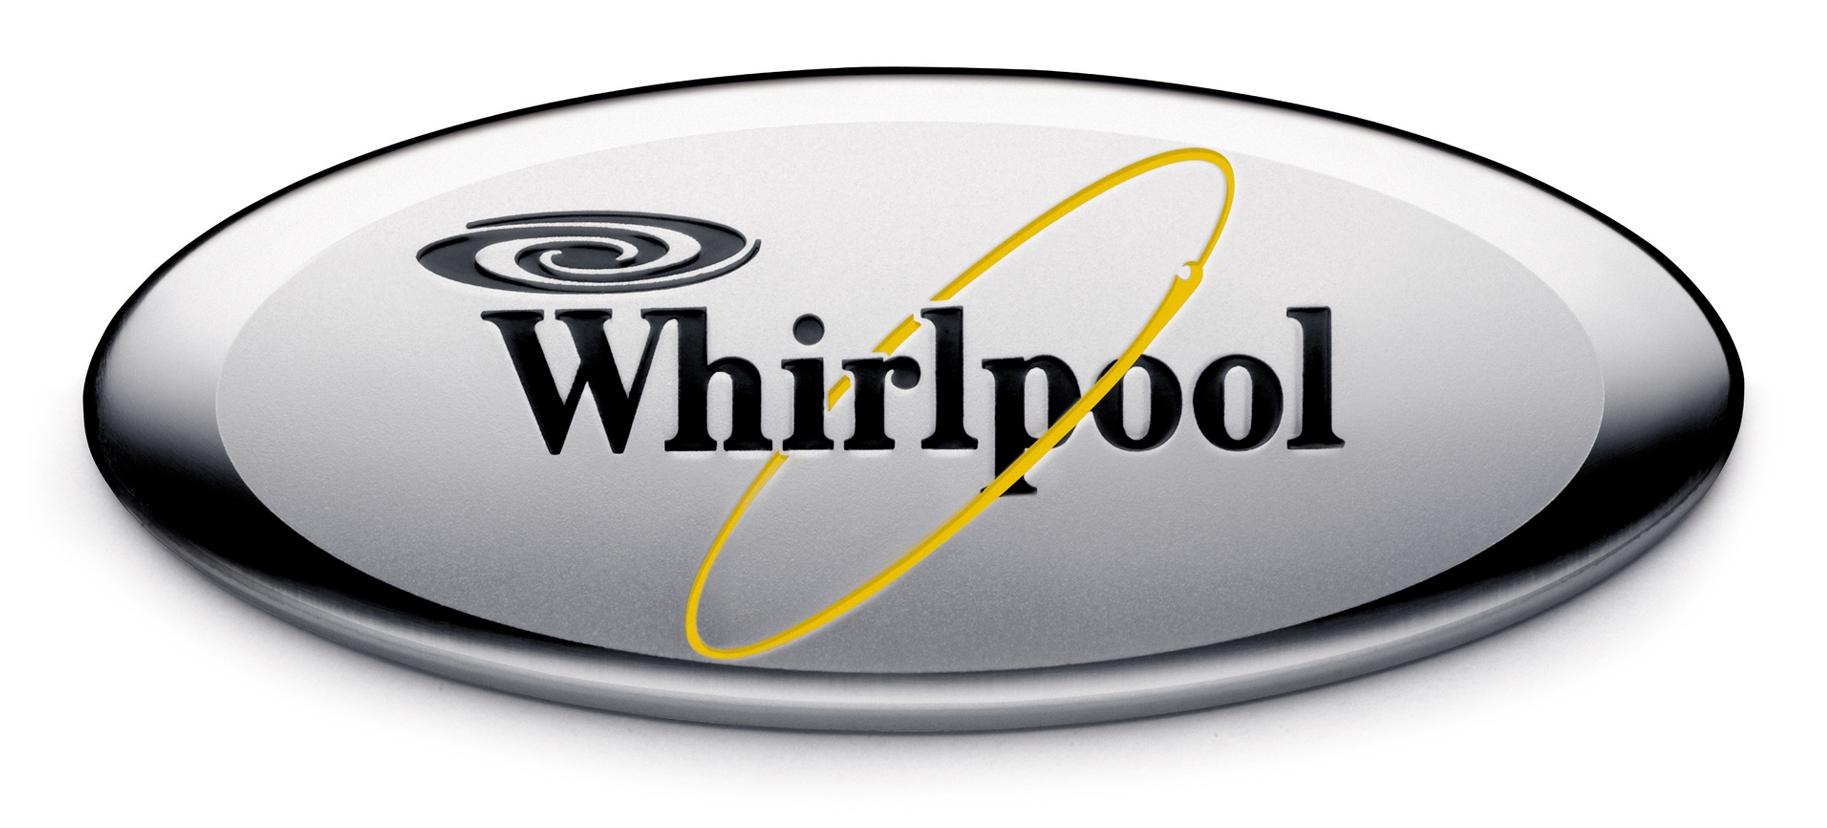 Whrilpool